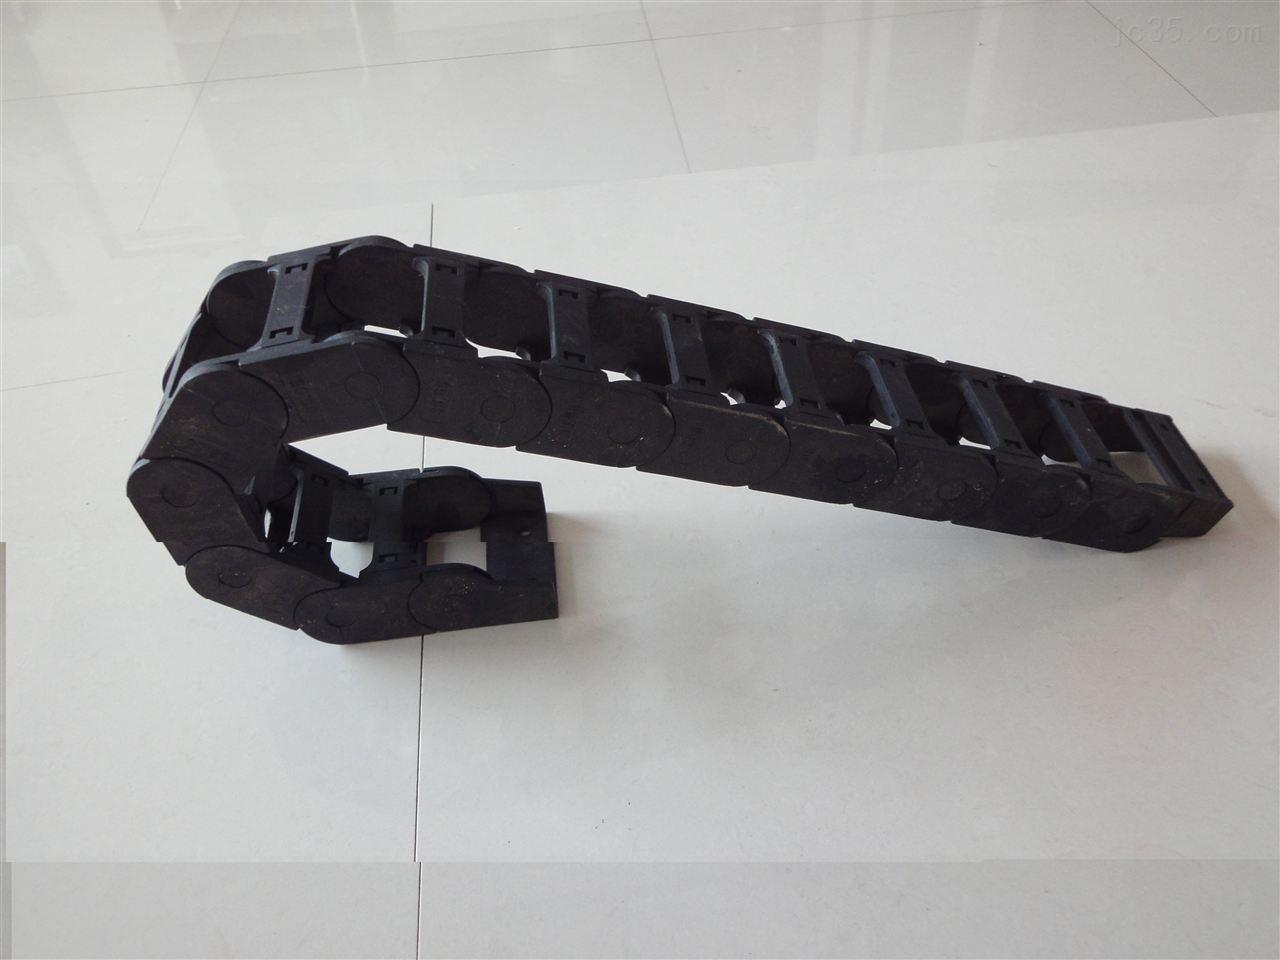 机械手工程塑料拖链